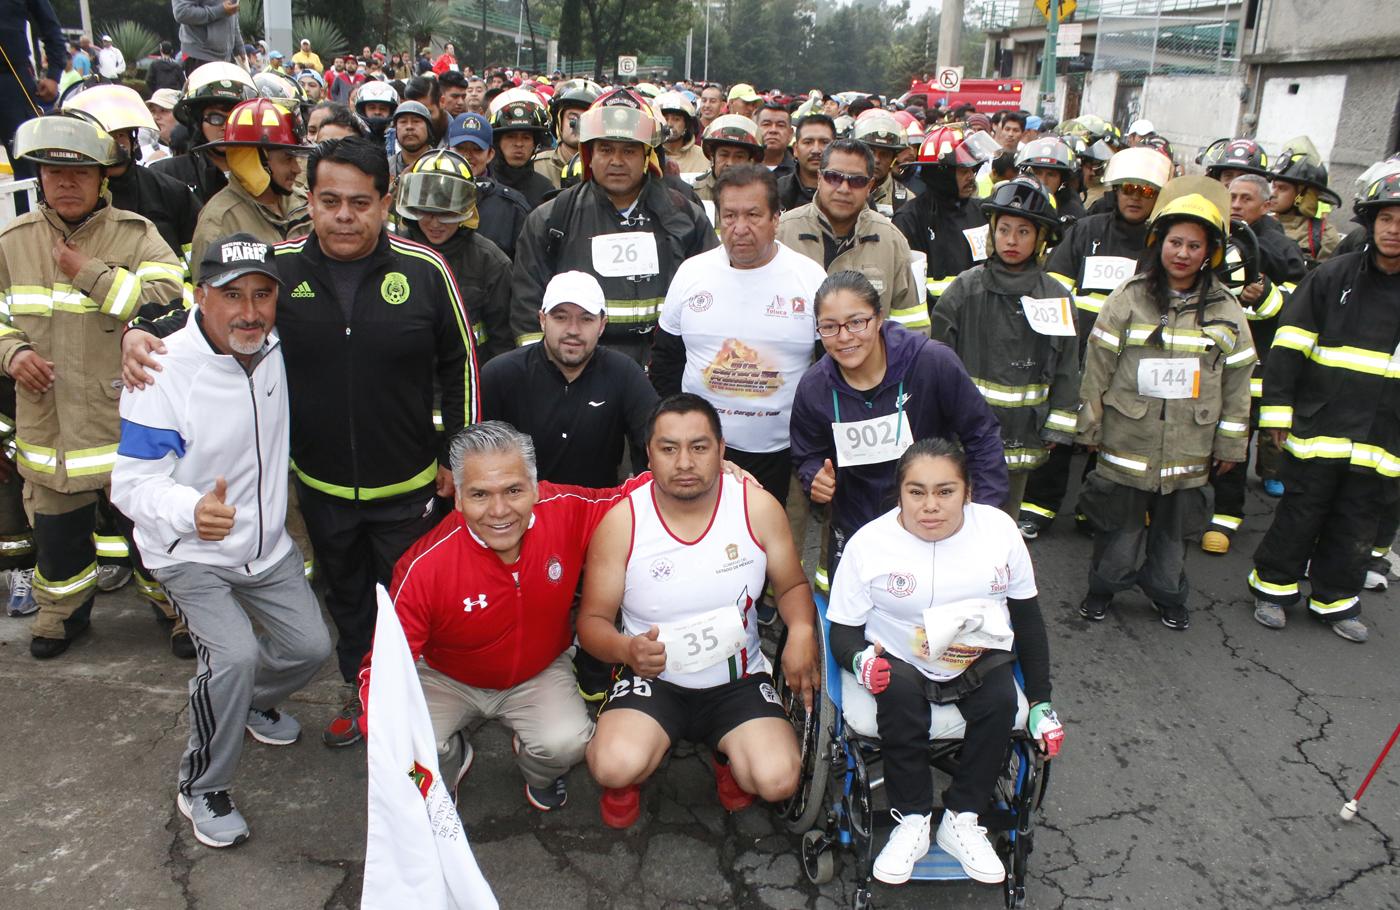 Corren familias de Toluca con el corazón durante la 6ª edición de la Carrera 5K Préndete